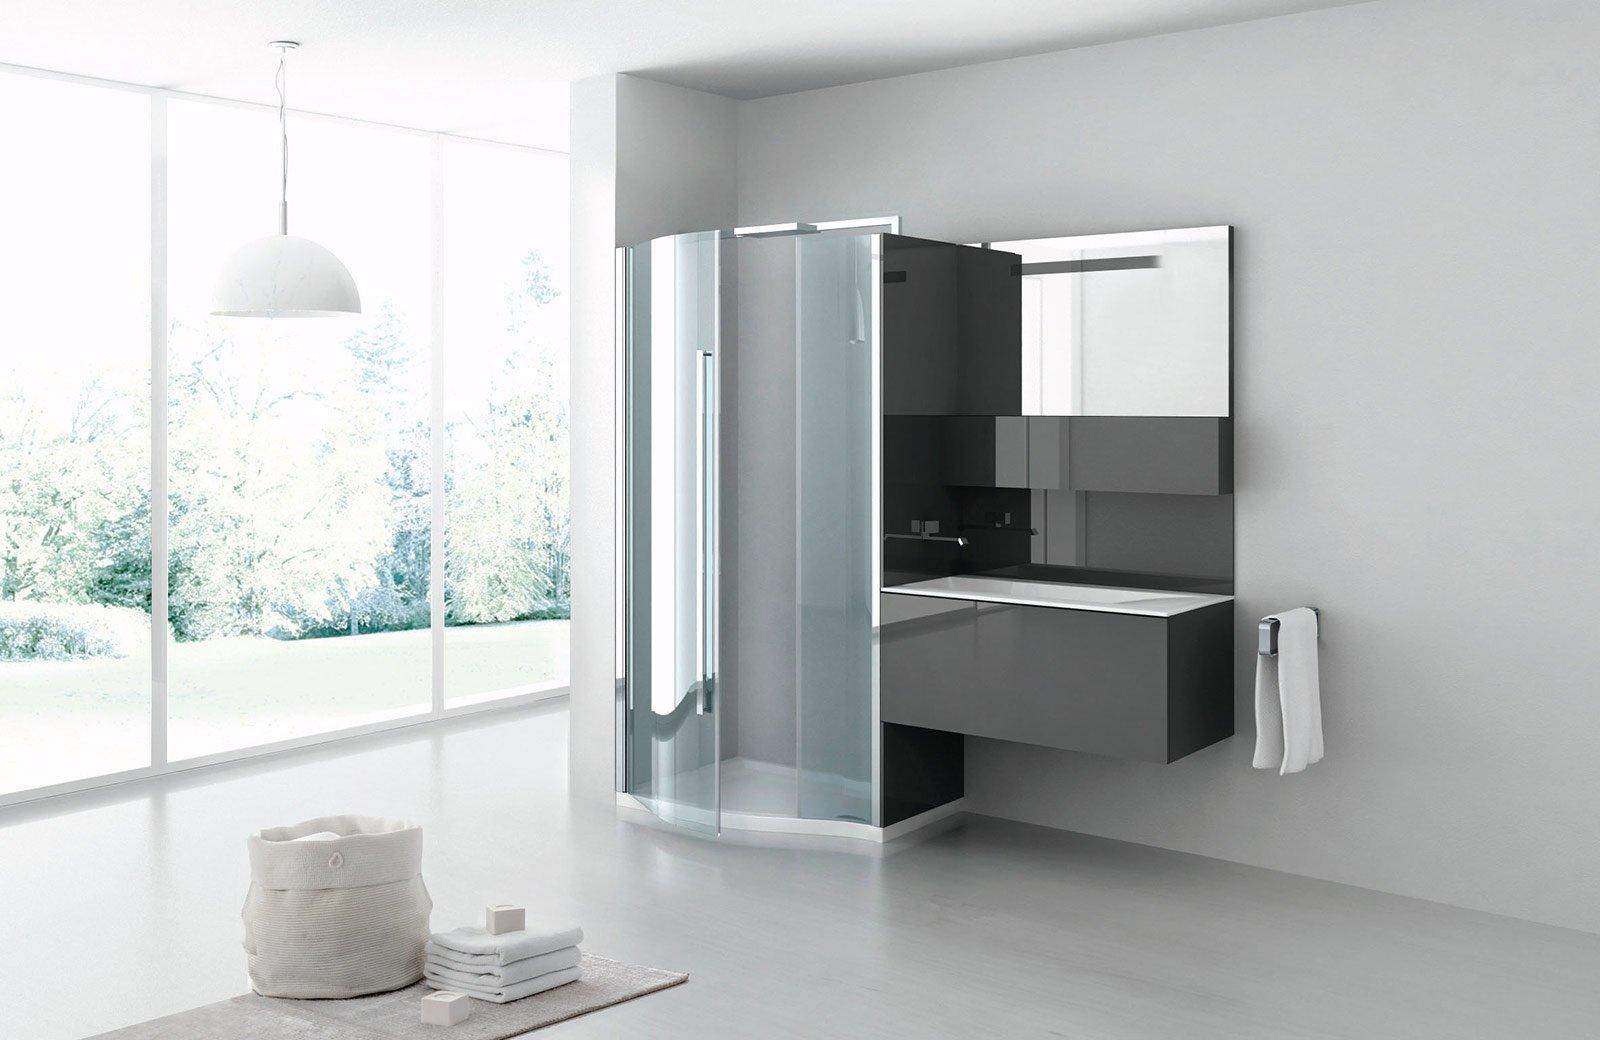 Lavandino Bagno Muratura : Costruire lavandino bagno muratura ...